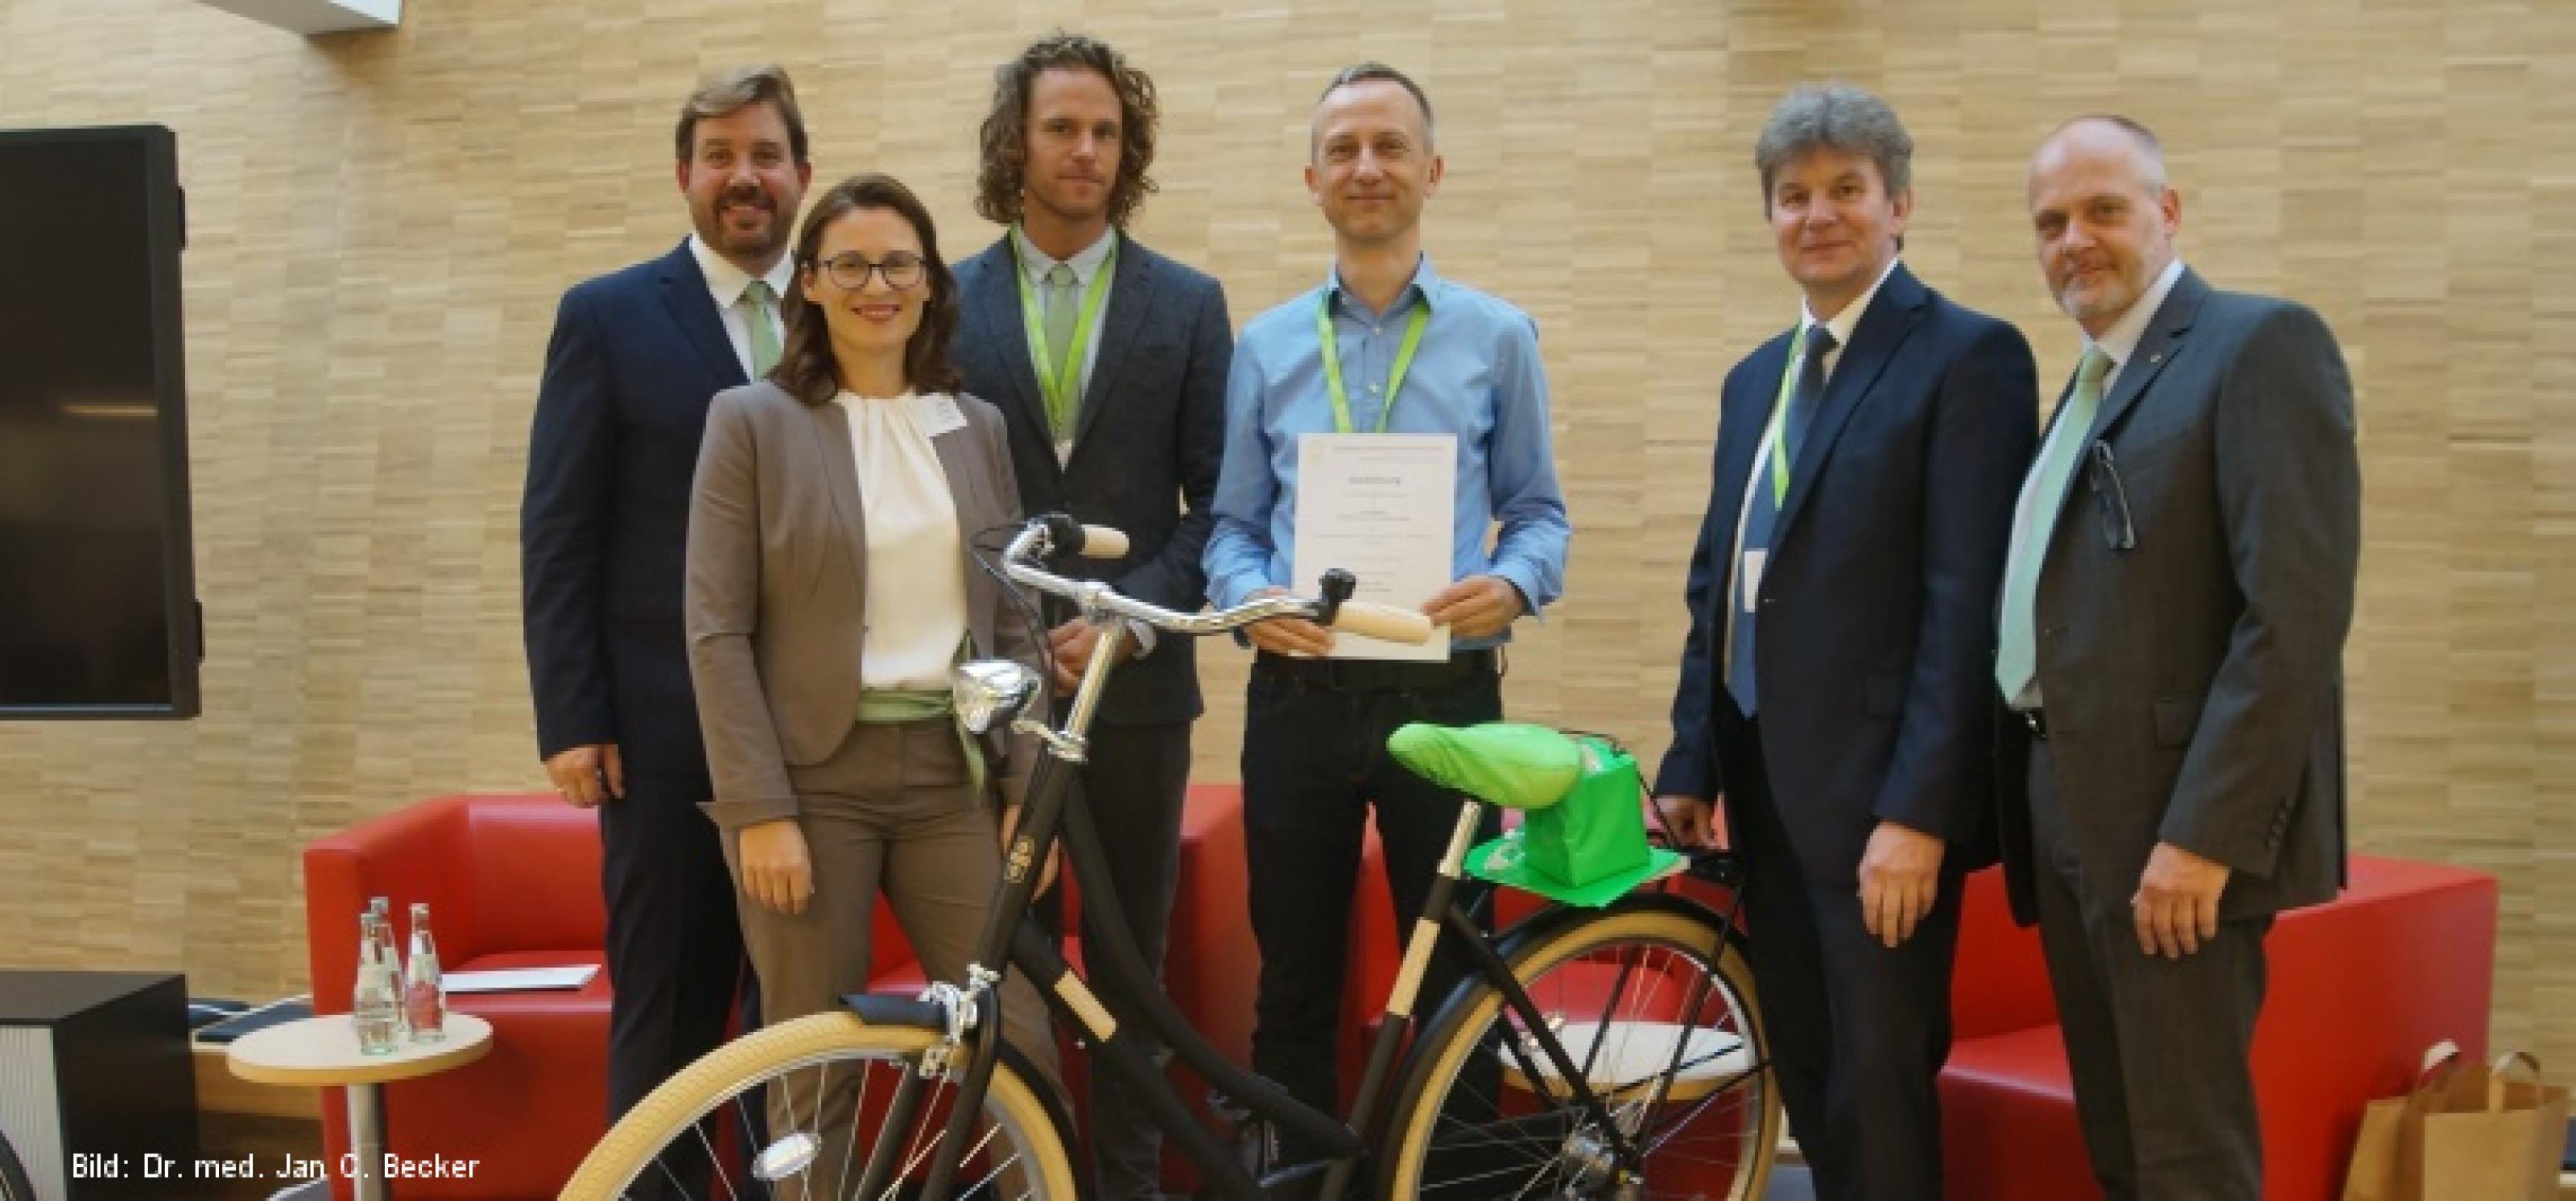 Sechs Personen nebeneinander, in der Mitte ein Mann mit Urkunde in der Hand, davor ein Fahrrad